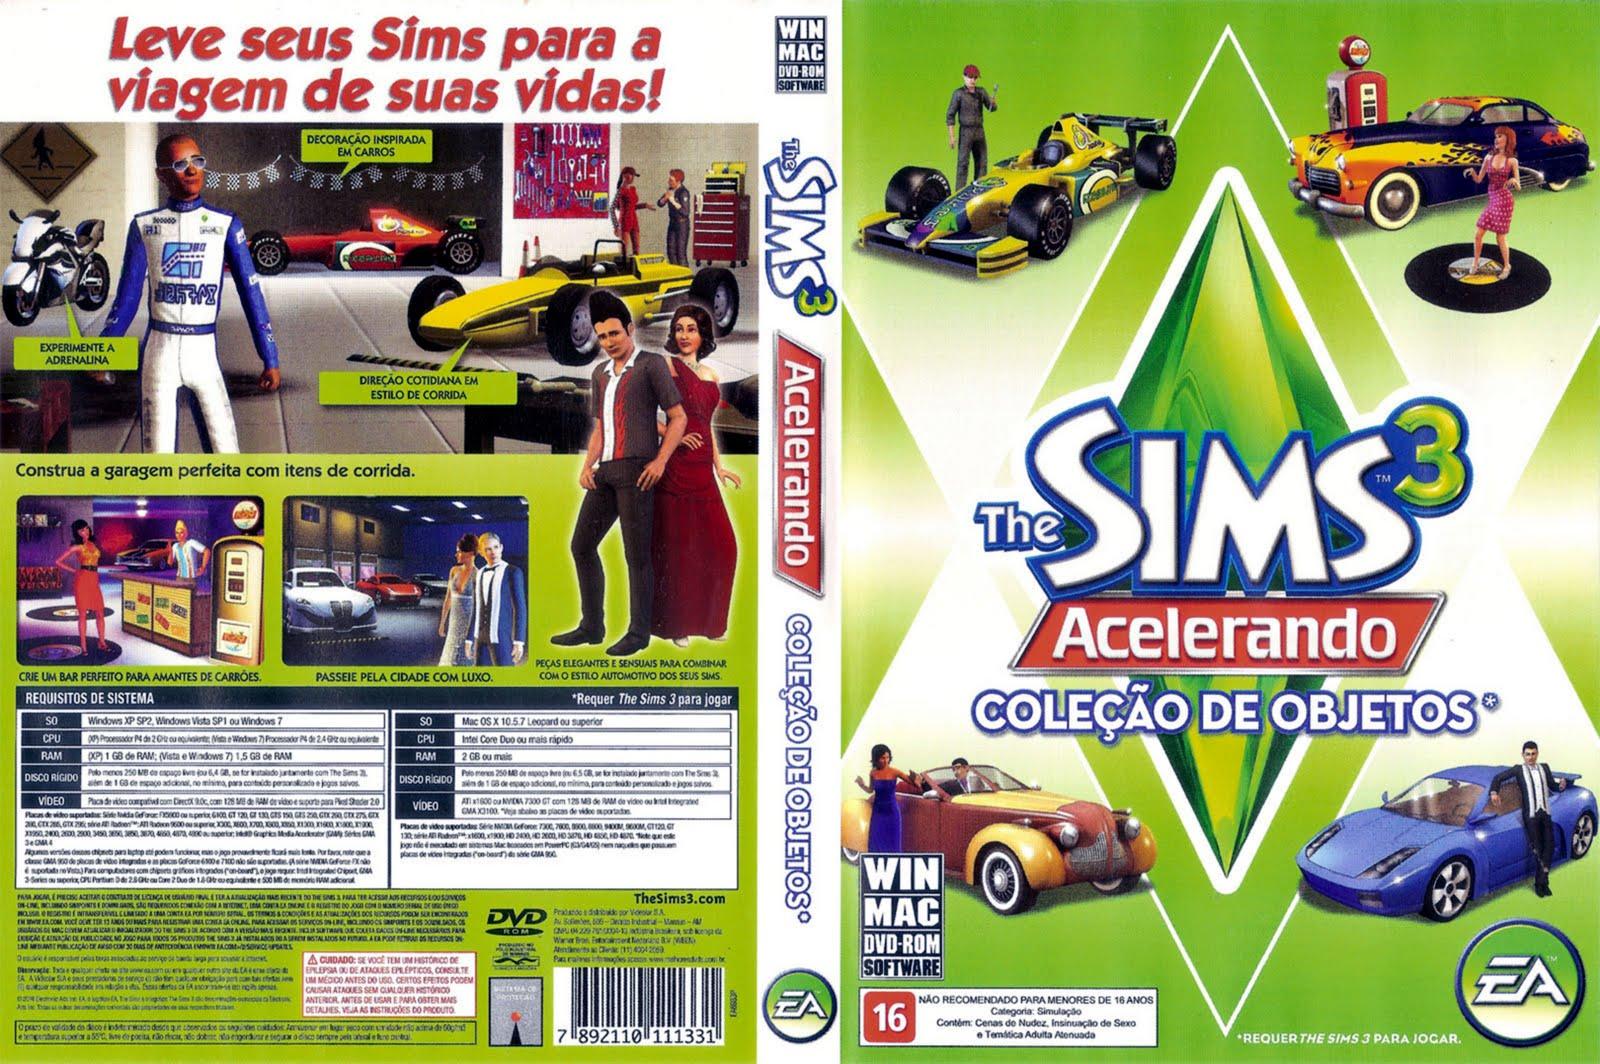 Patchs du jeu - Le jeu - Communaut - Les Sims 3